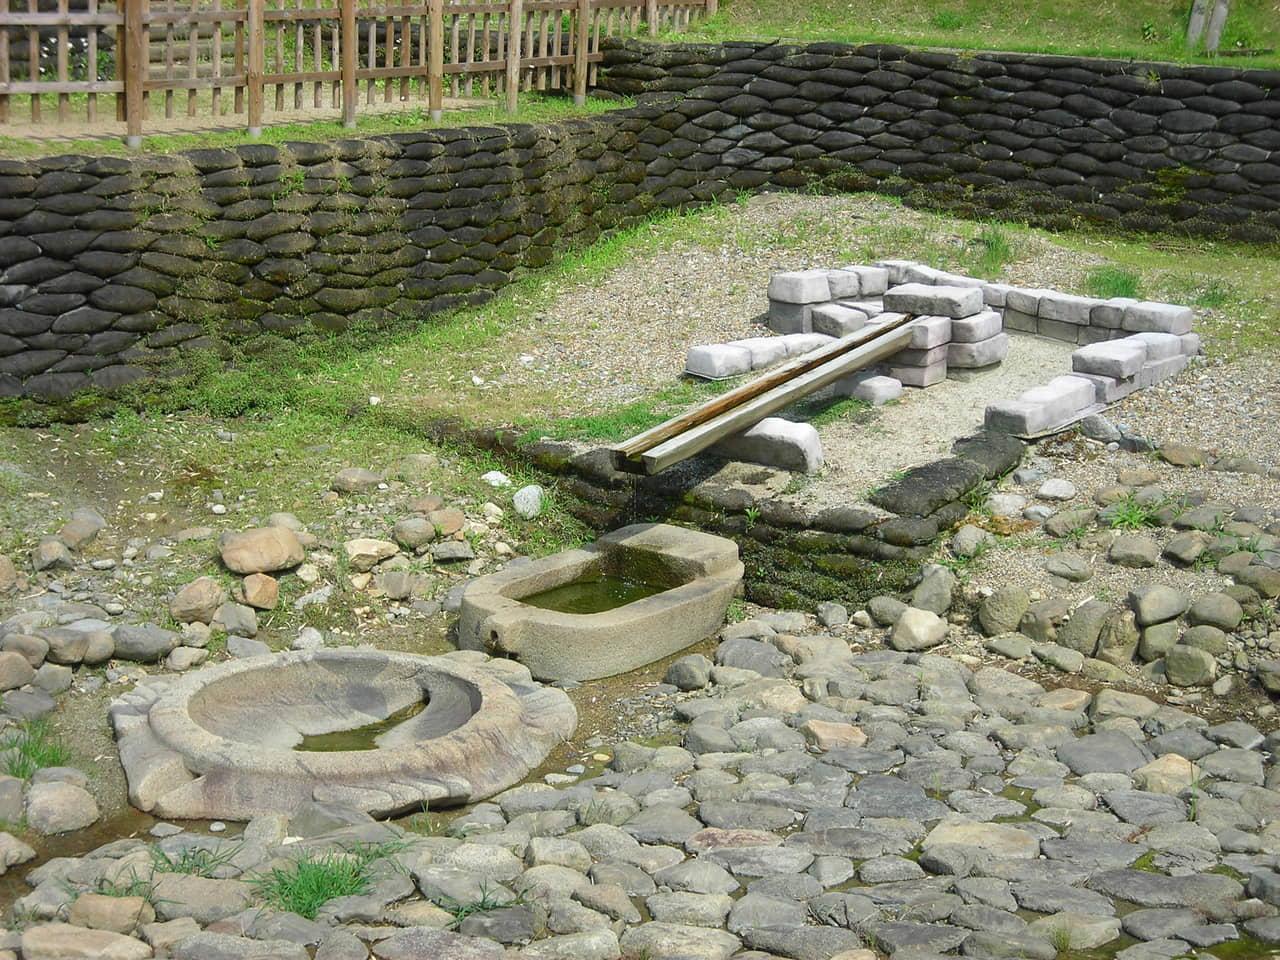 天皇陵に比定されなかった古墳が実は天皇陵だった!? ~『日本書紀』などの文書の記述と考古学調査の結果が一致